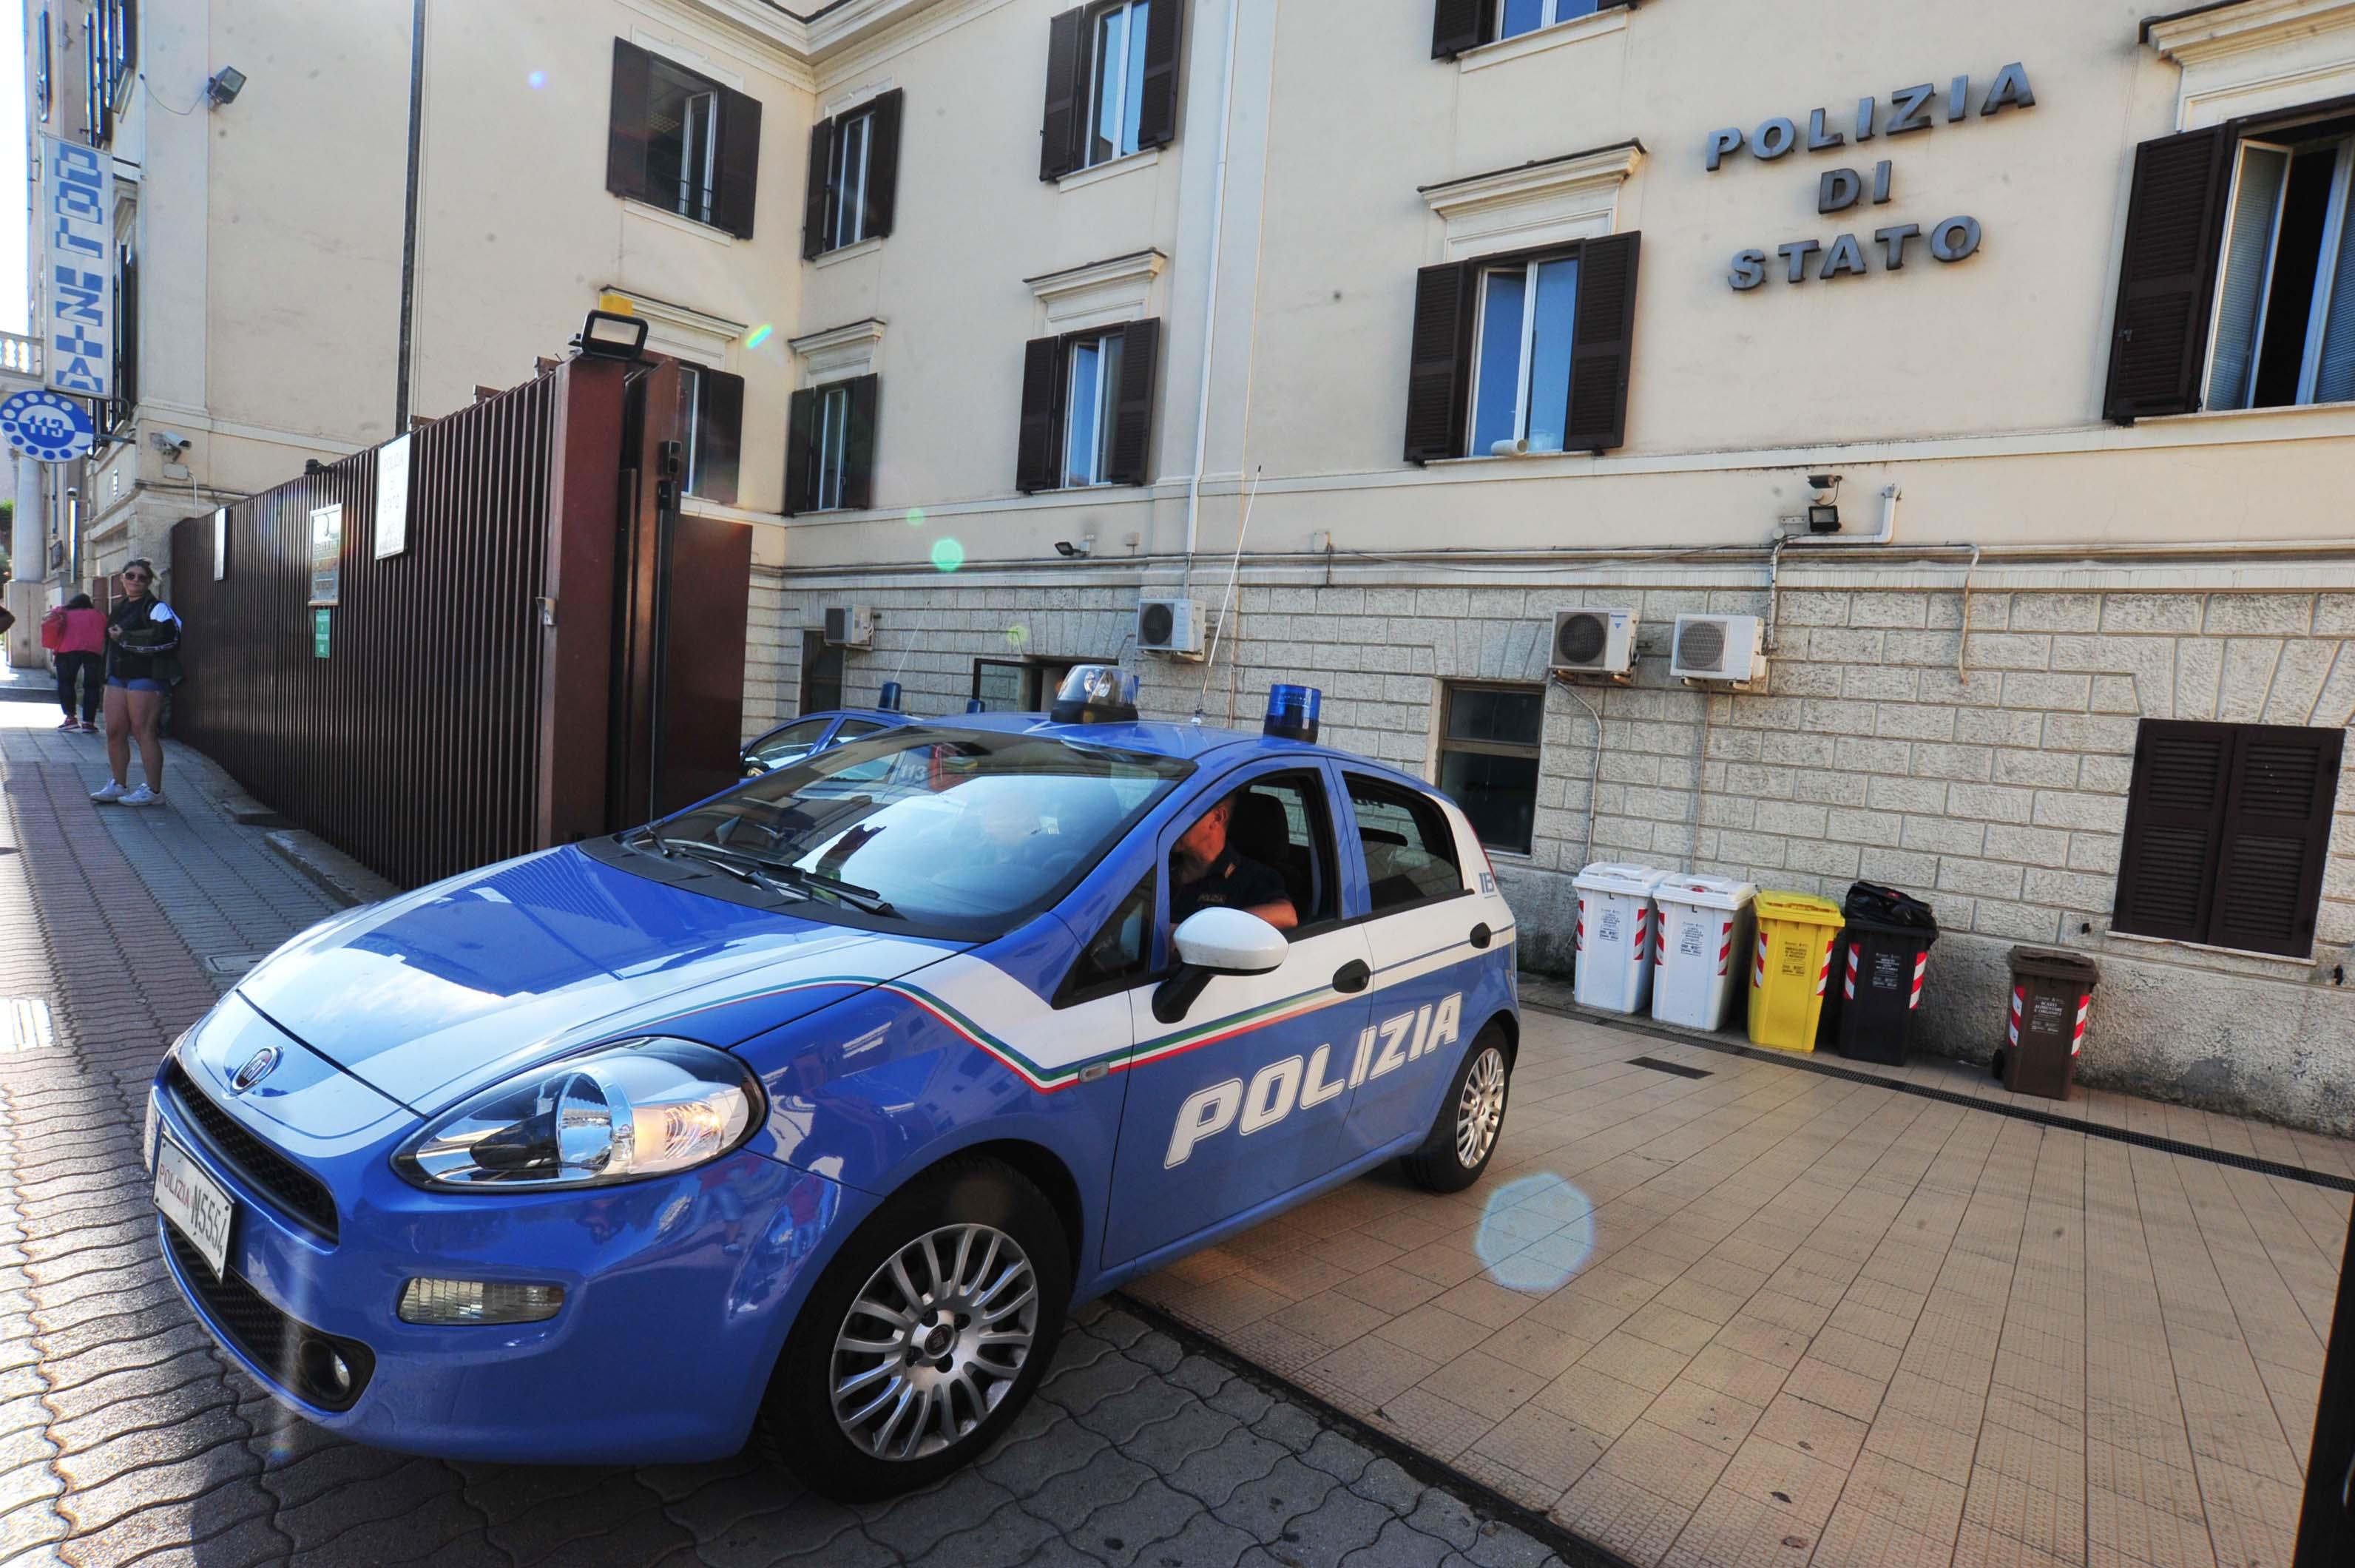 Civitavecchia, colpisce il vicino con il guinzaglio del cane e gli spruzza dello spray urticante: denunciato dalla Polizia di Stato un 52enne italiano